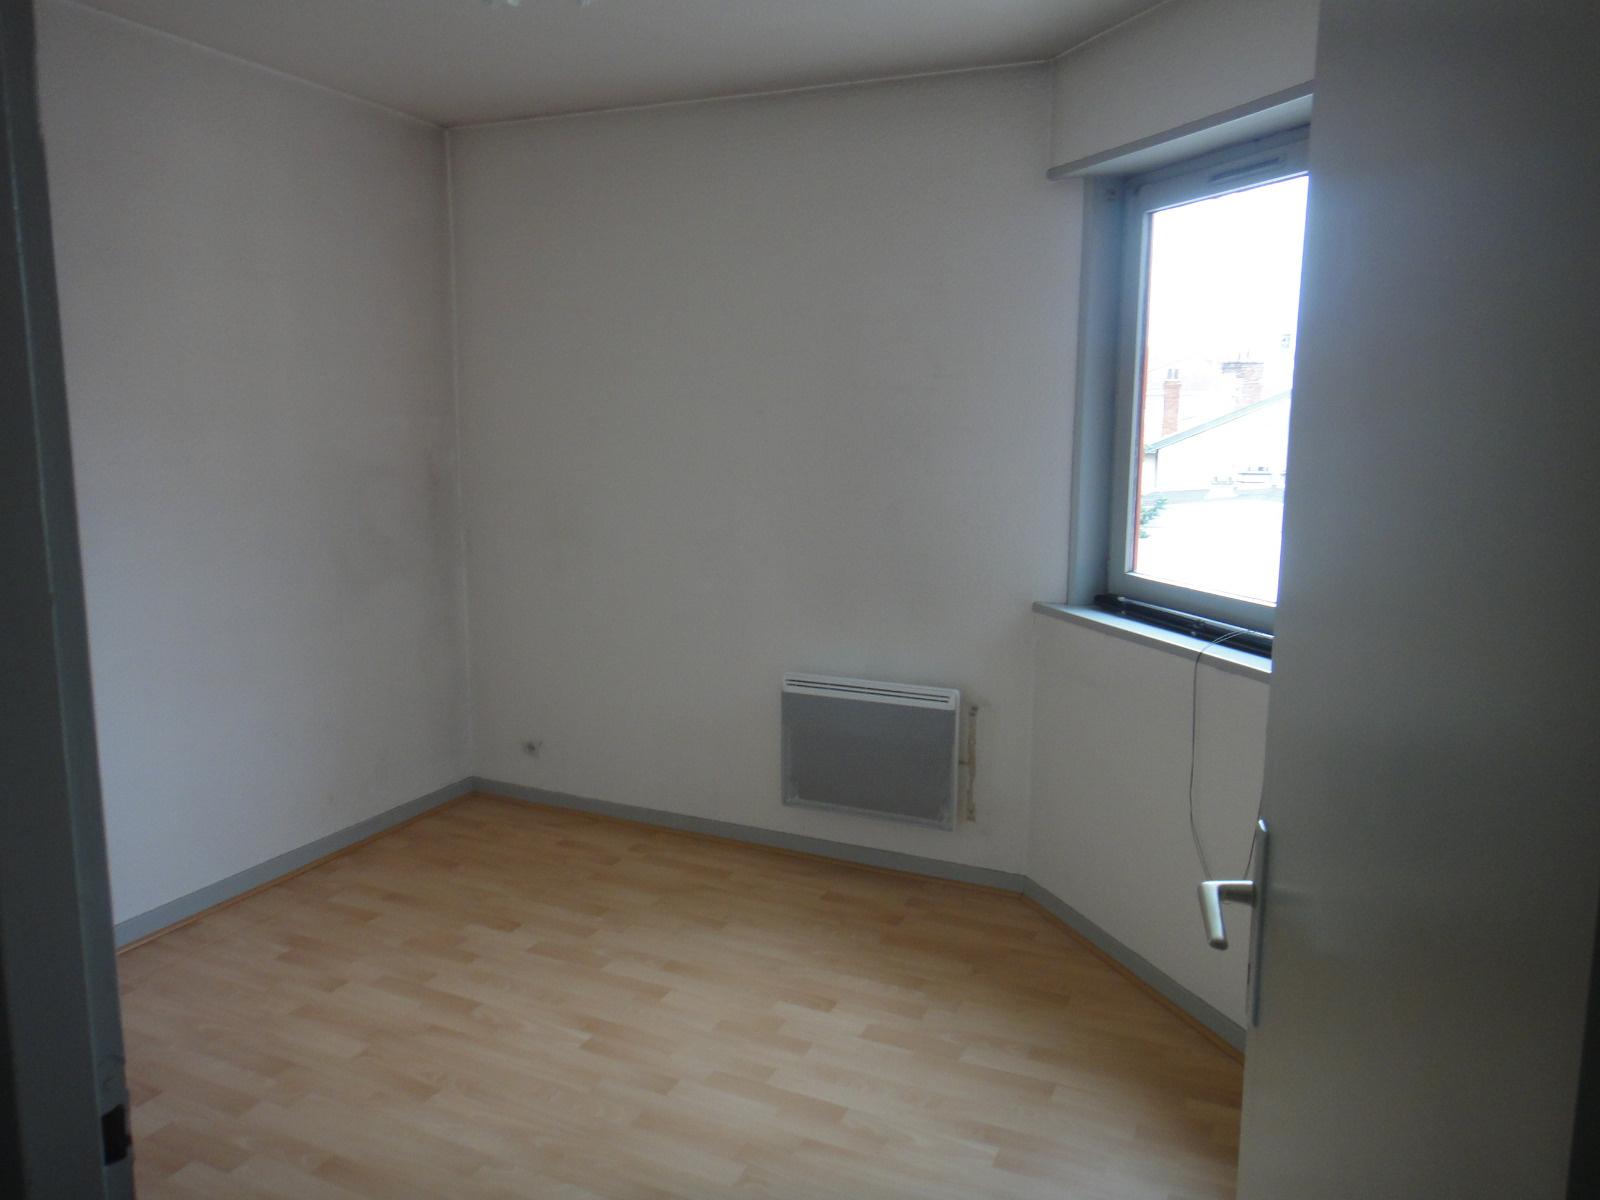 ml jouvent immobilier appartement 3 pi ce s 55 m bourg en bresse 01 louer t3 n 33 litt 510. Black Bedroom Furniture Sets. Home Design Ideas